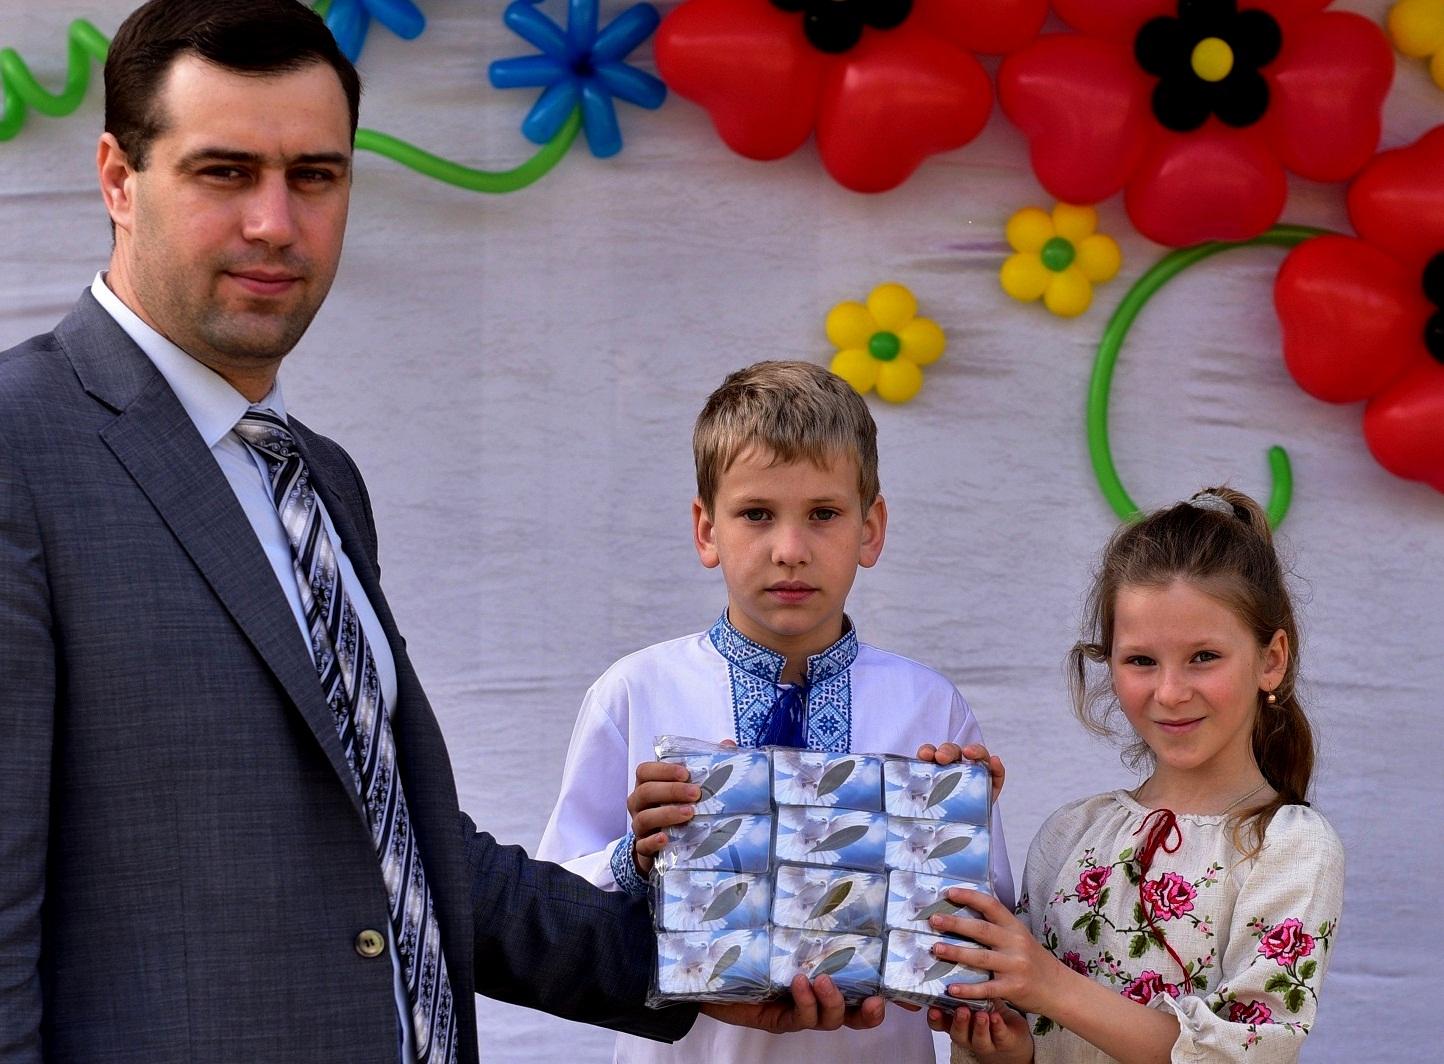 Як ми вже повідомляли, 5 квітня 2016 року 15.000 школярів Виноградівського району на Закарпатті одночасно попросили Бога миру в Україні.